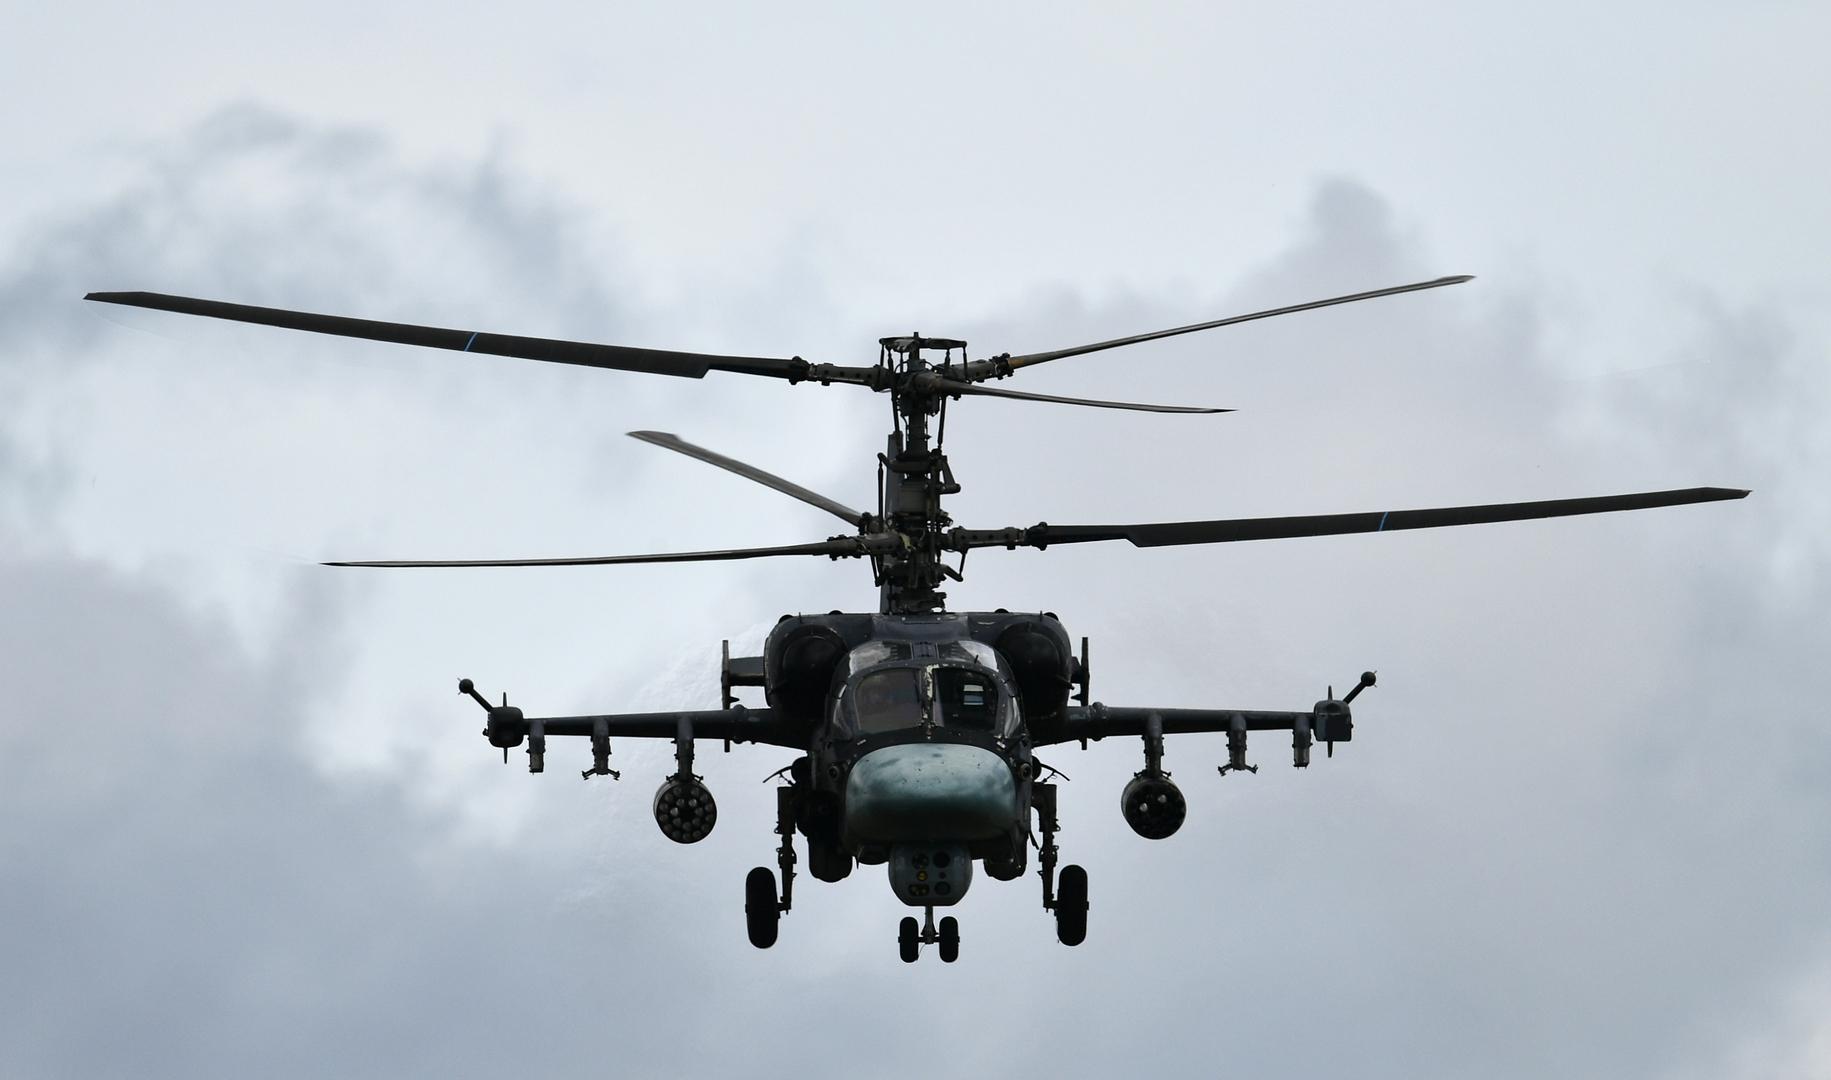 شاهد.. أبرز الأسلحة الروسية التي ظهرت أمام السيسي خلال حديثه عن قوة الجيش المصري